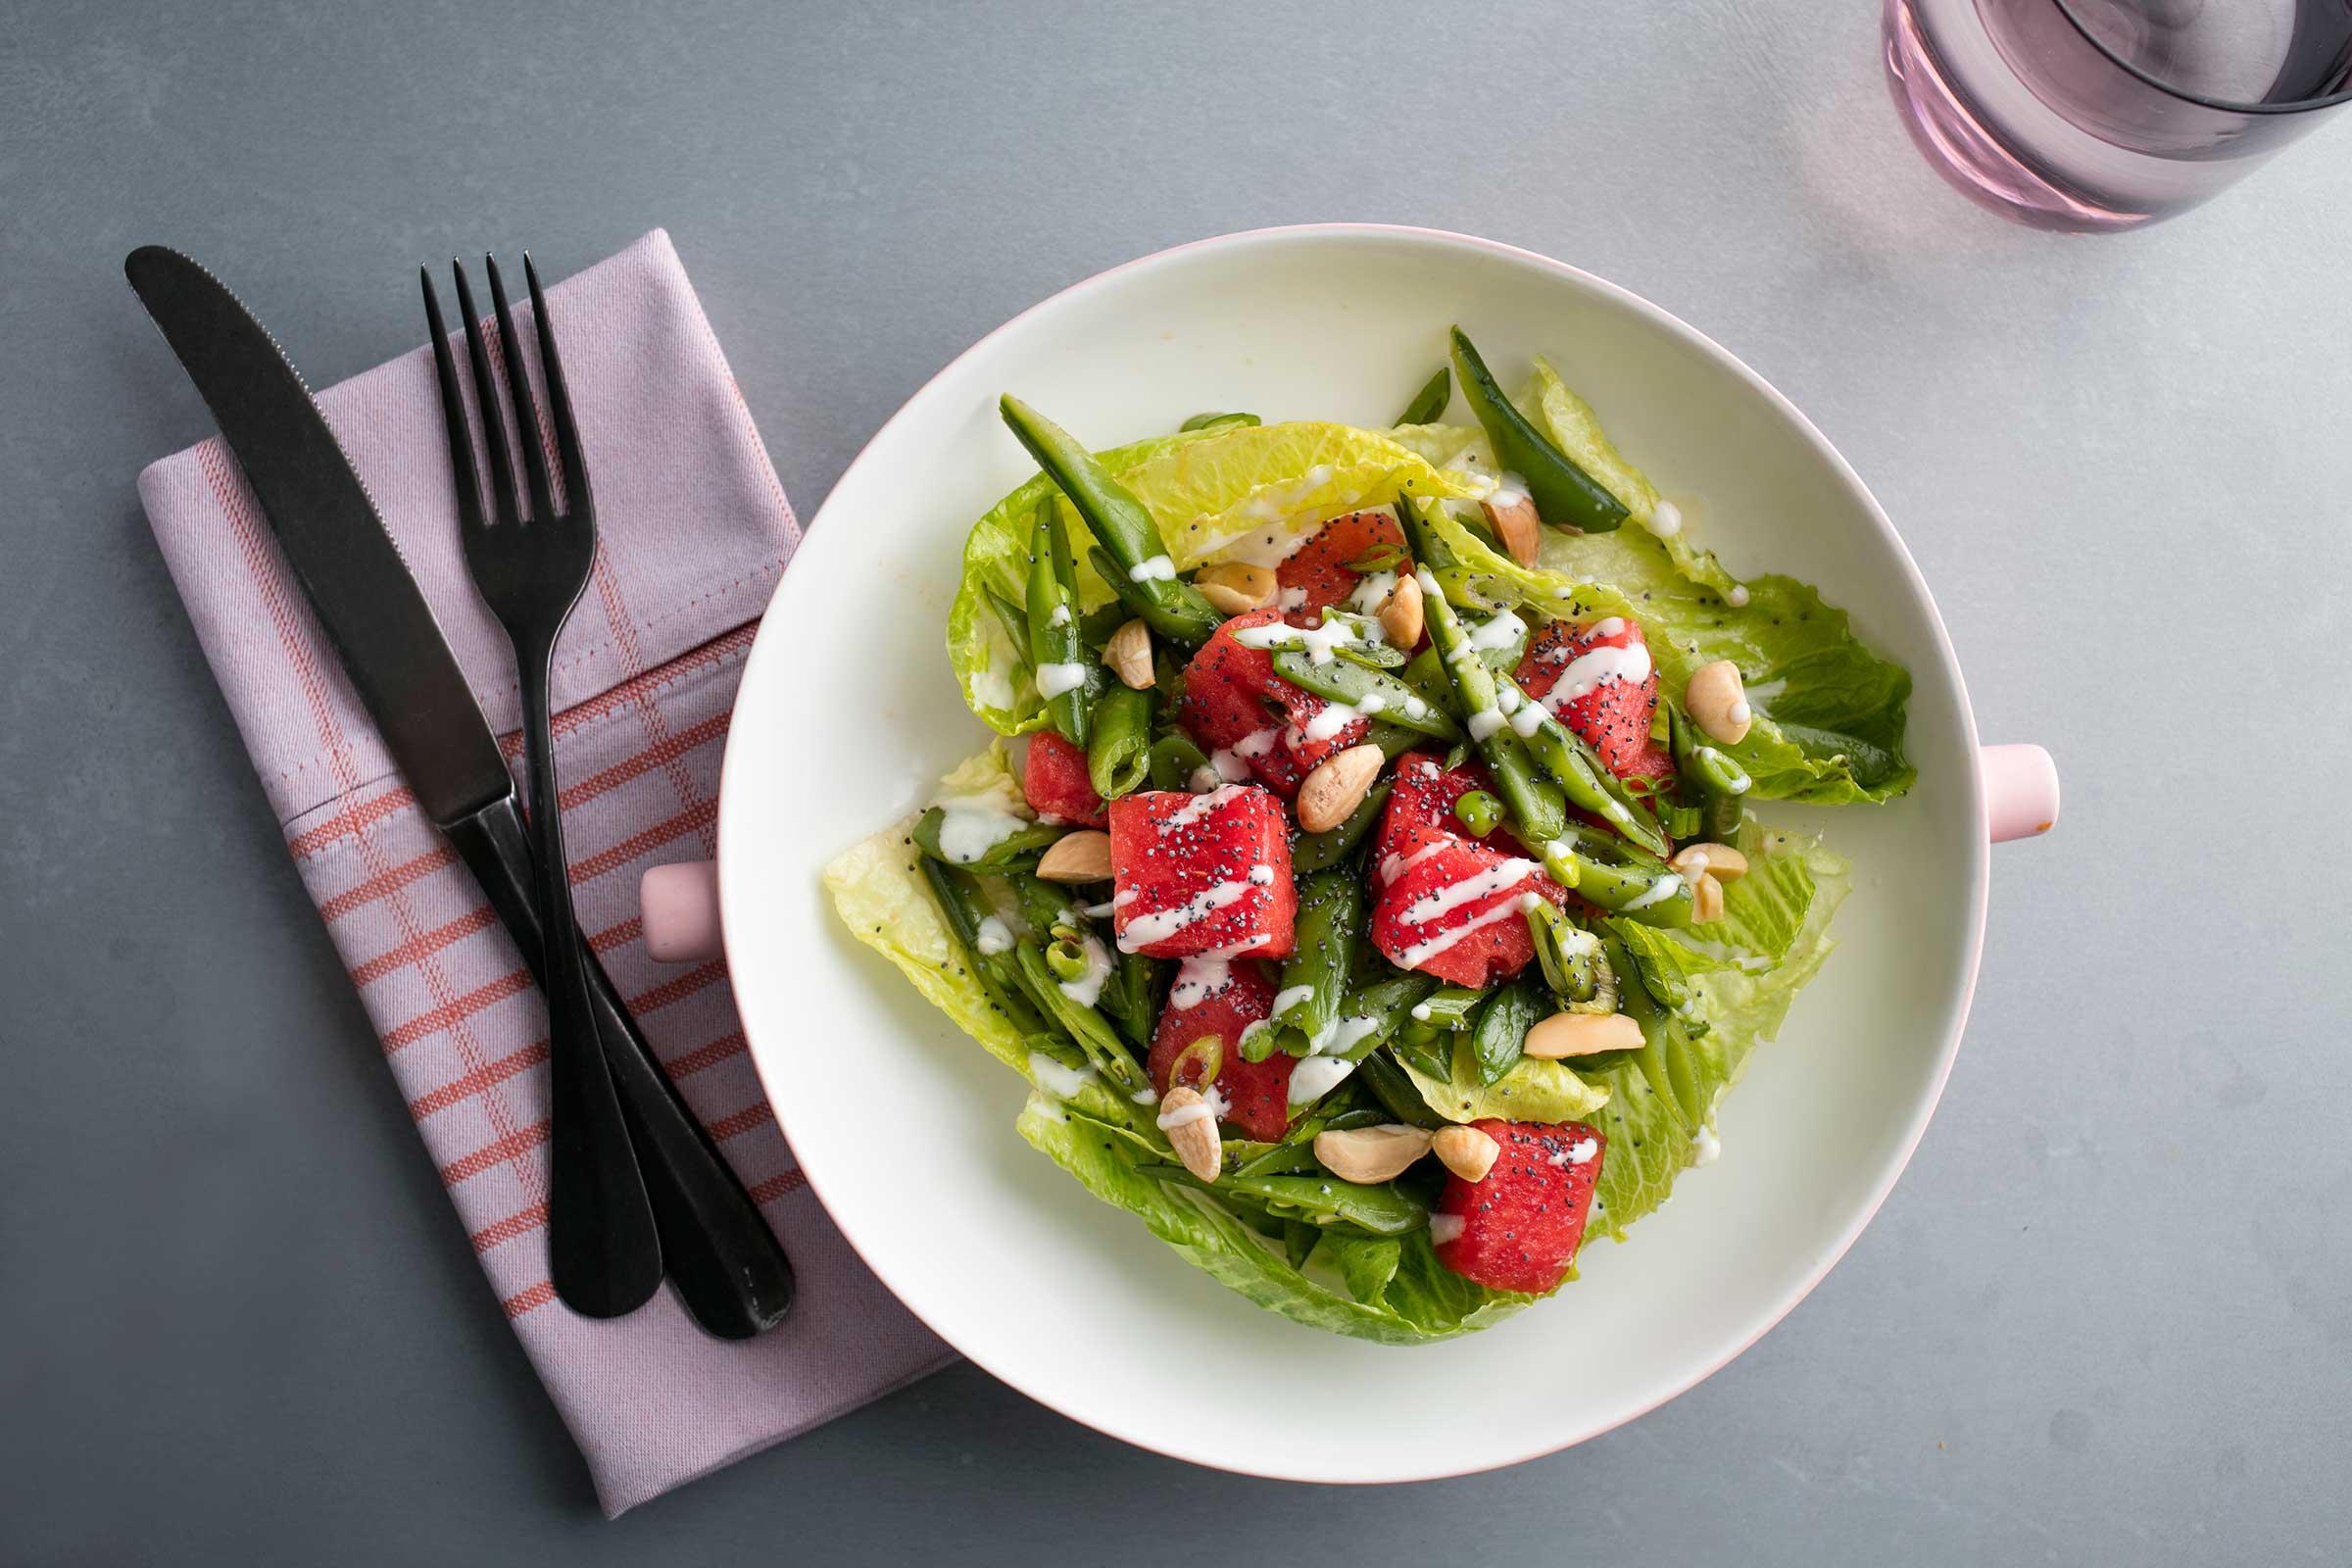 Blackbarn-Watermelon Salad-01.jpg